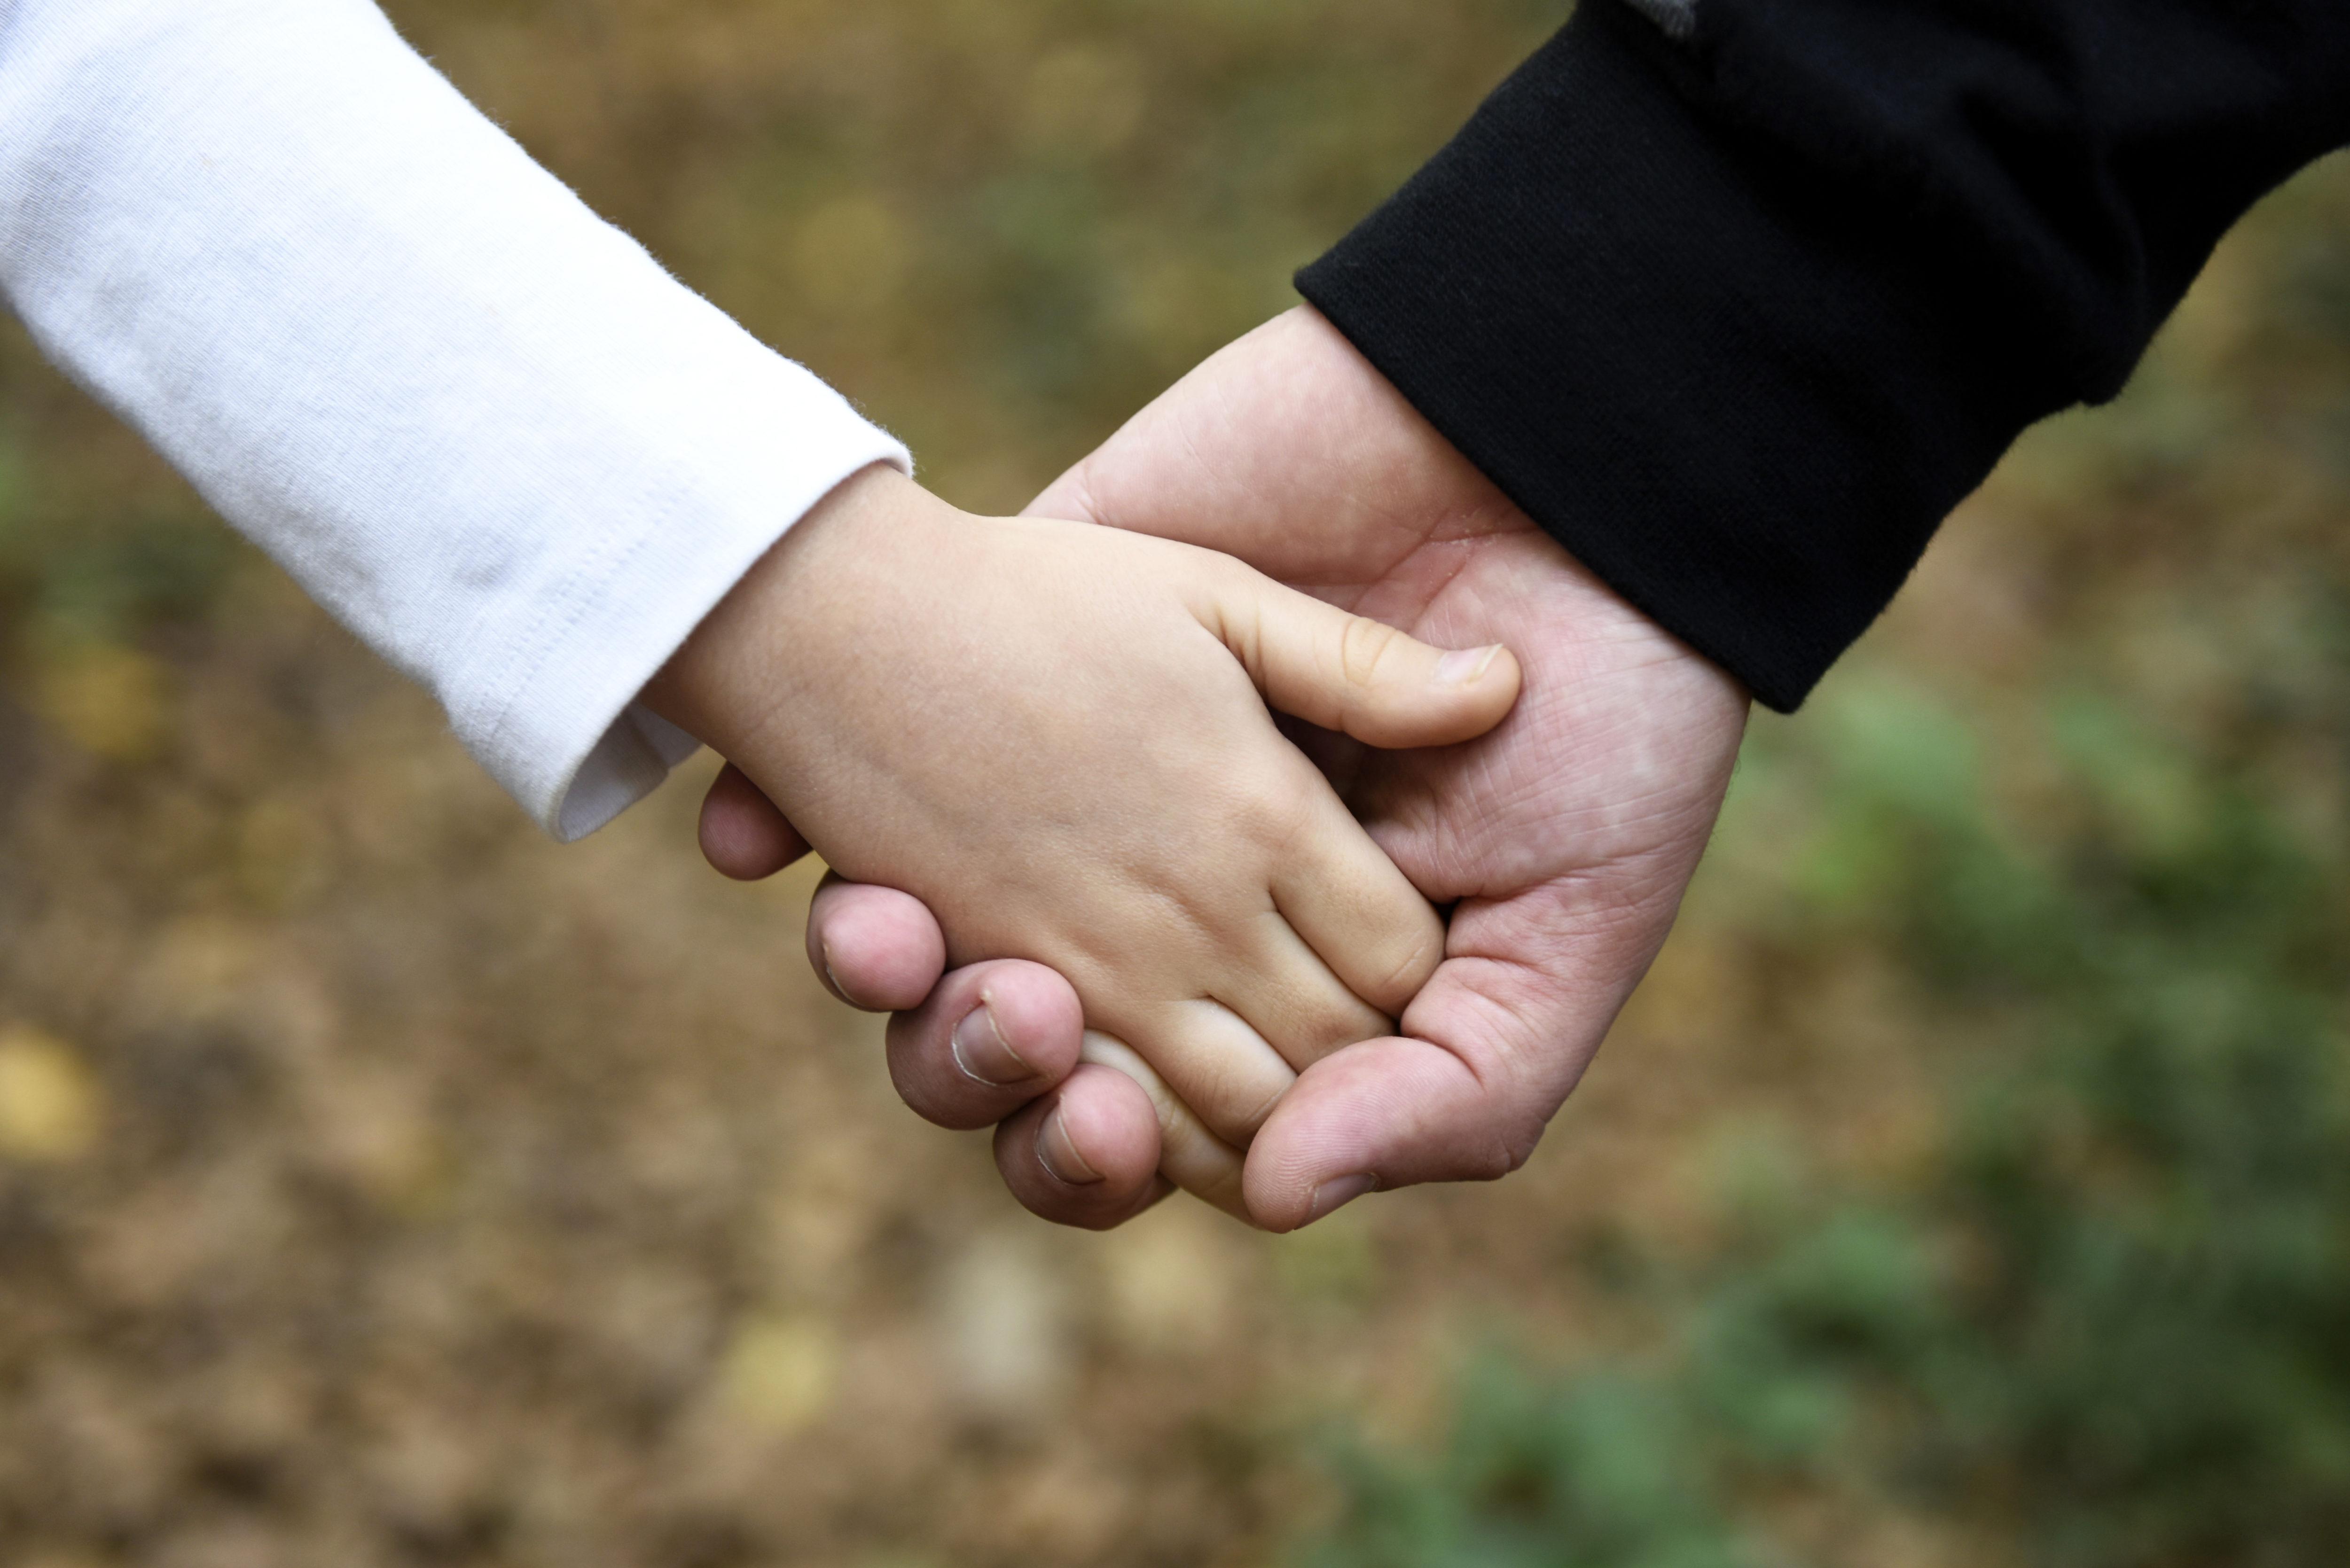 父・娘・手をつなぐ